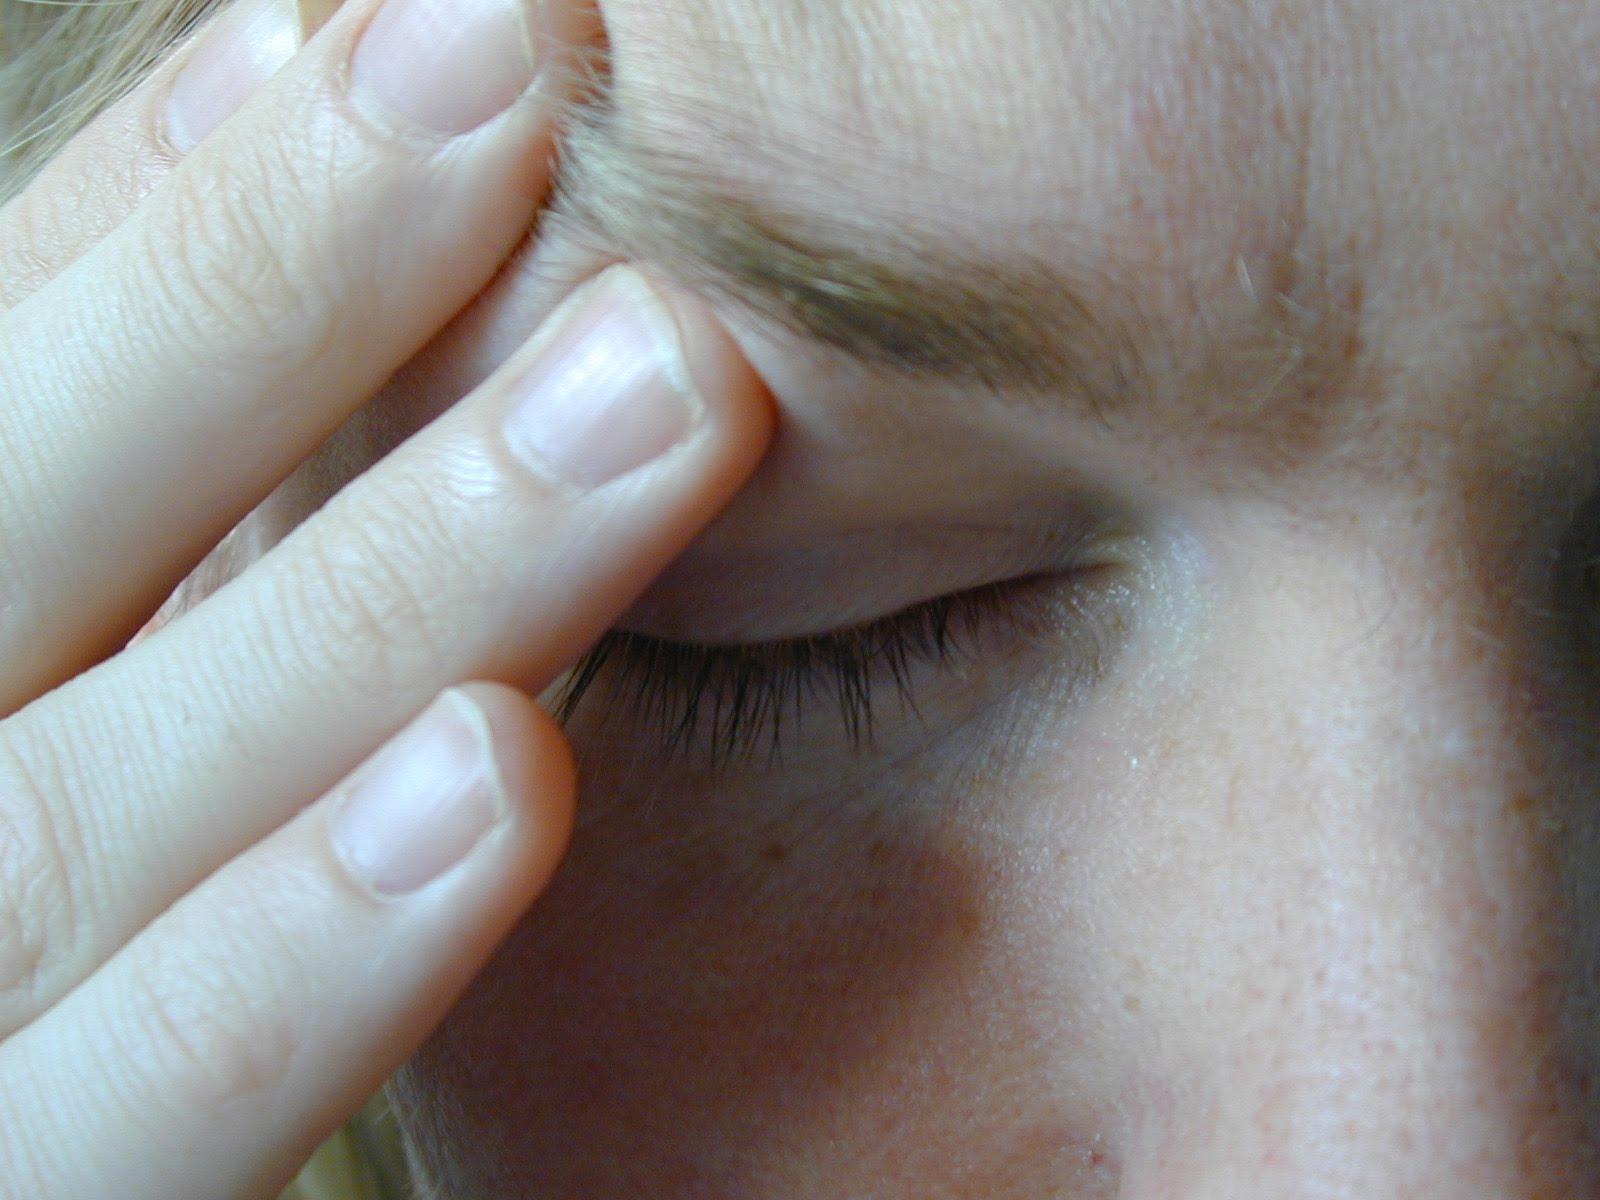 f0e32e6f6 Quando uma dor de cabeça é realmente um tumor no cérebro?